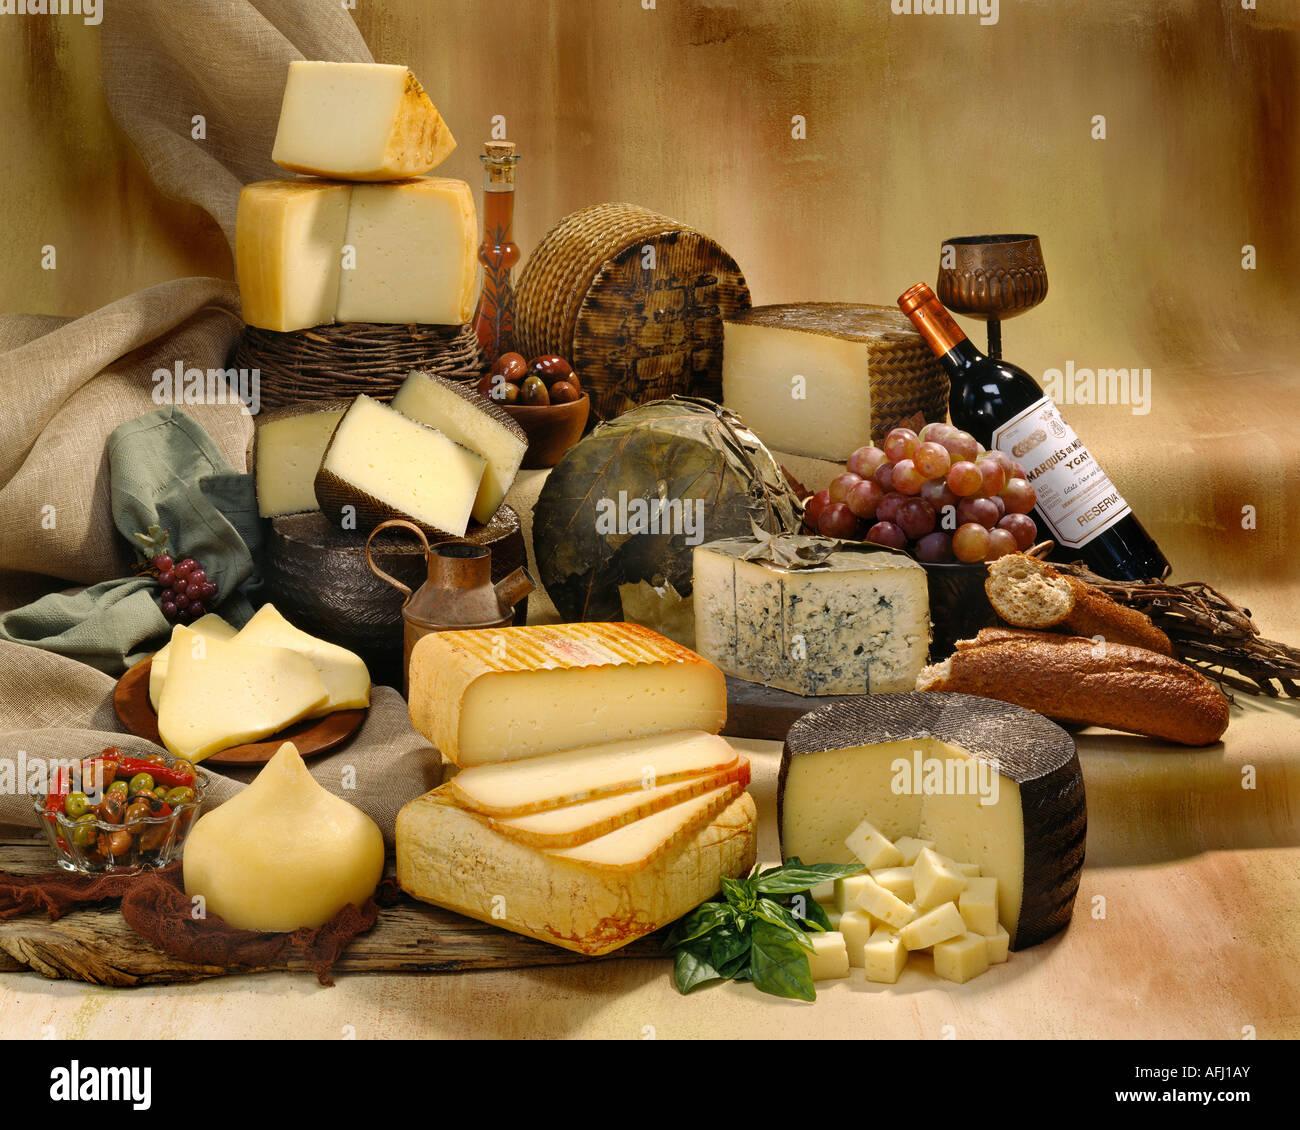 Spanische Käsesorten in Gruppe Farbfoto auf tan getönten gesprenkelte Hintergrund. Querformat, Studio Stockbild